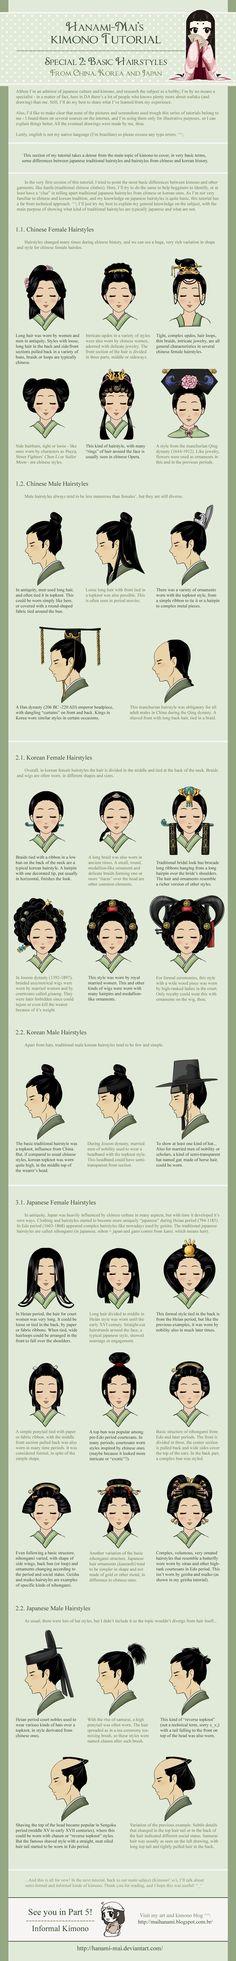 Kimono Tutorial - Hairstyles Special by Hanami-Mai.deviantart.com on @DeviantArt